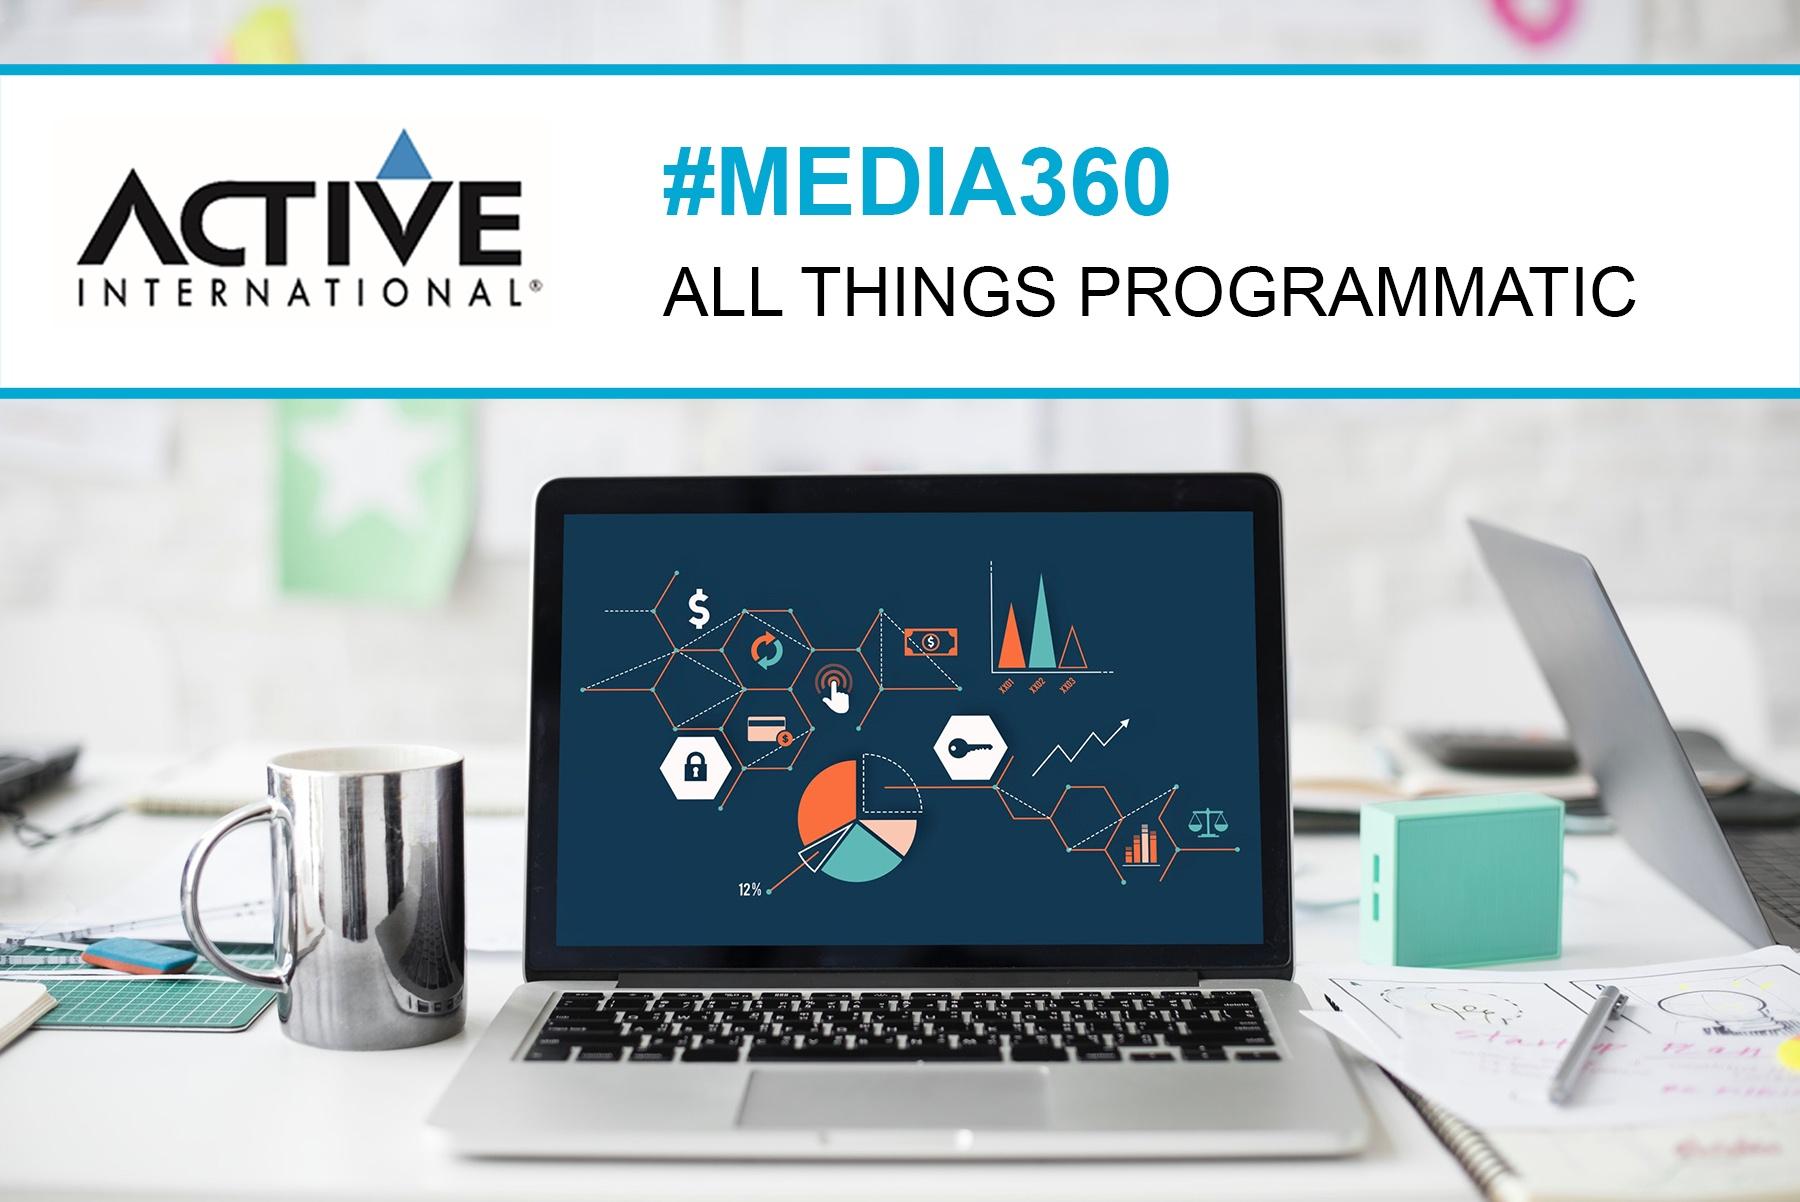 Media 360 - Programmatic - July 2018-1.jpg